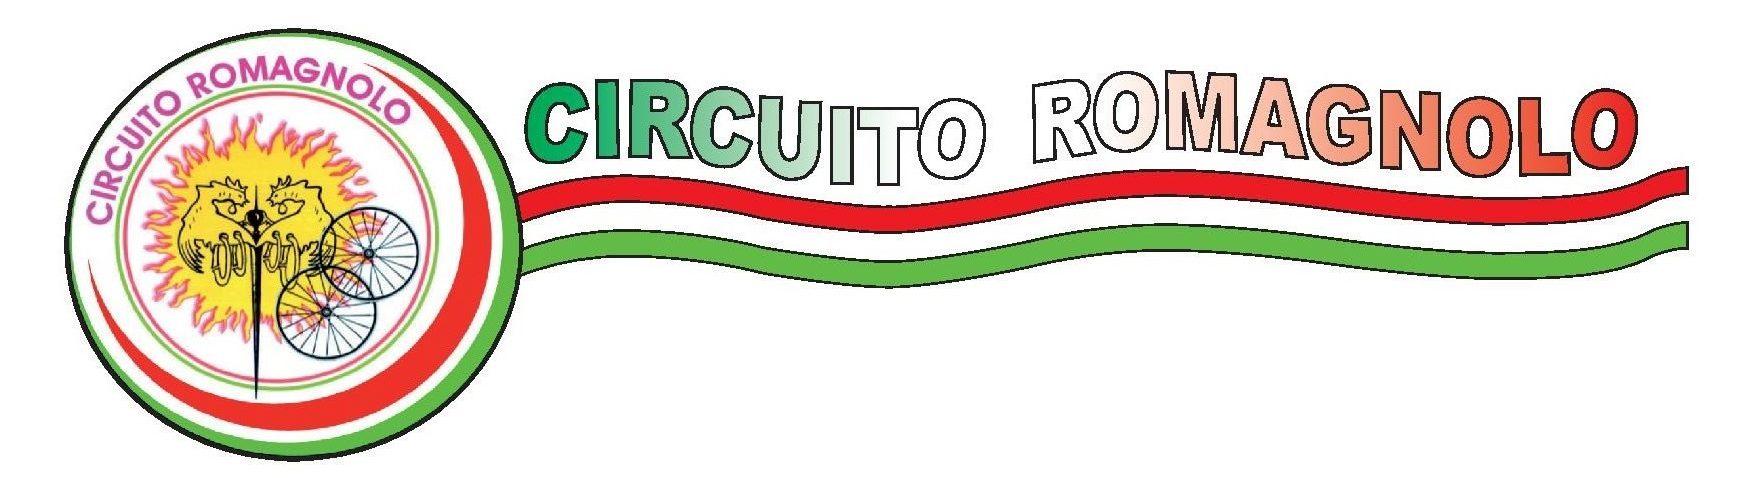 Circuito Romagnolo